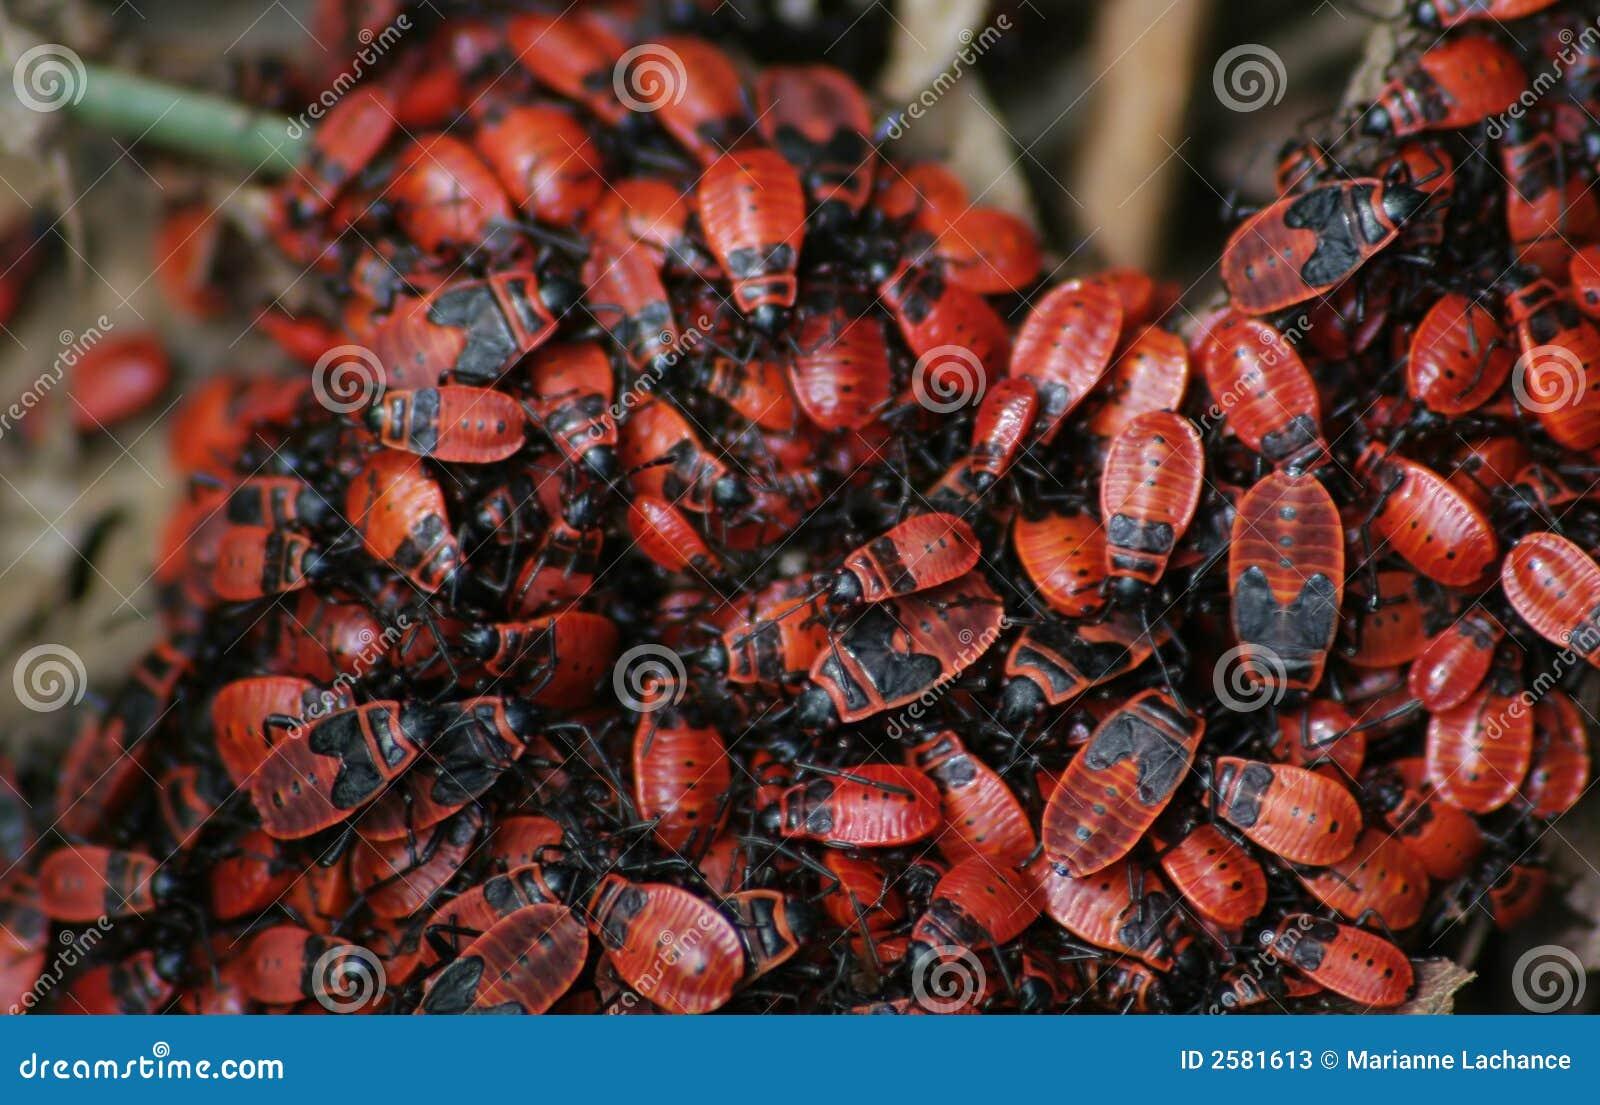 Ware Insecten